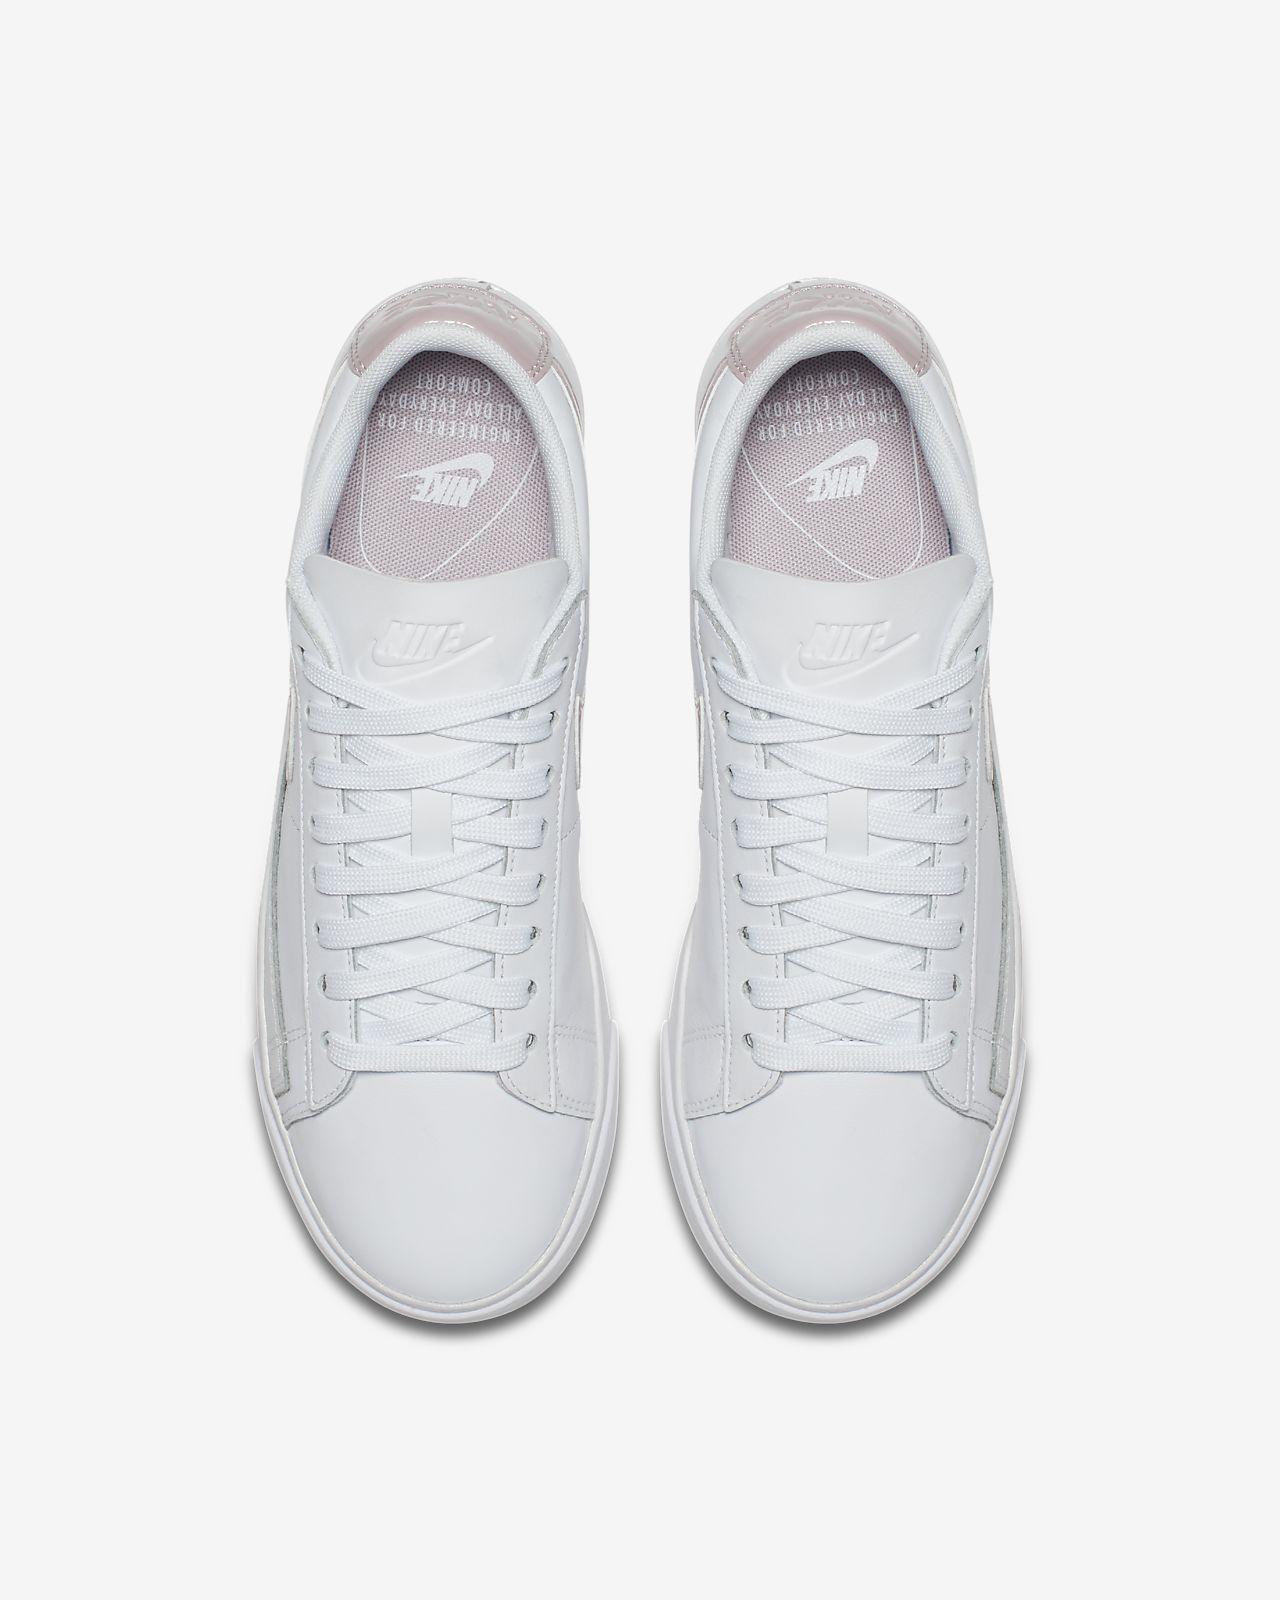 Nike Blazer Low LE Womenu0027s Shoe.  Best Selling A3LteZ